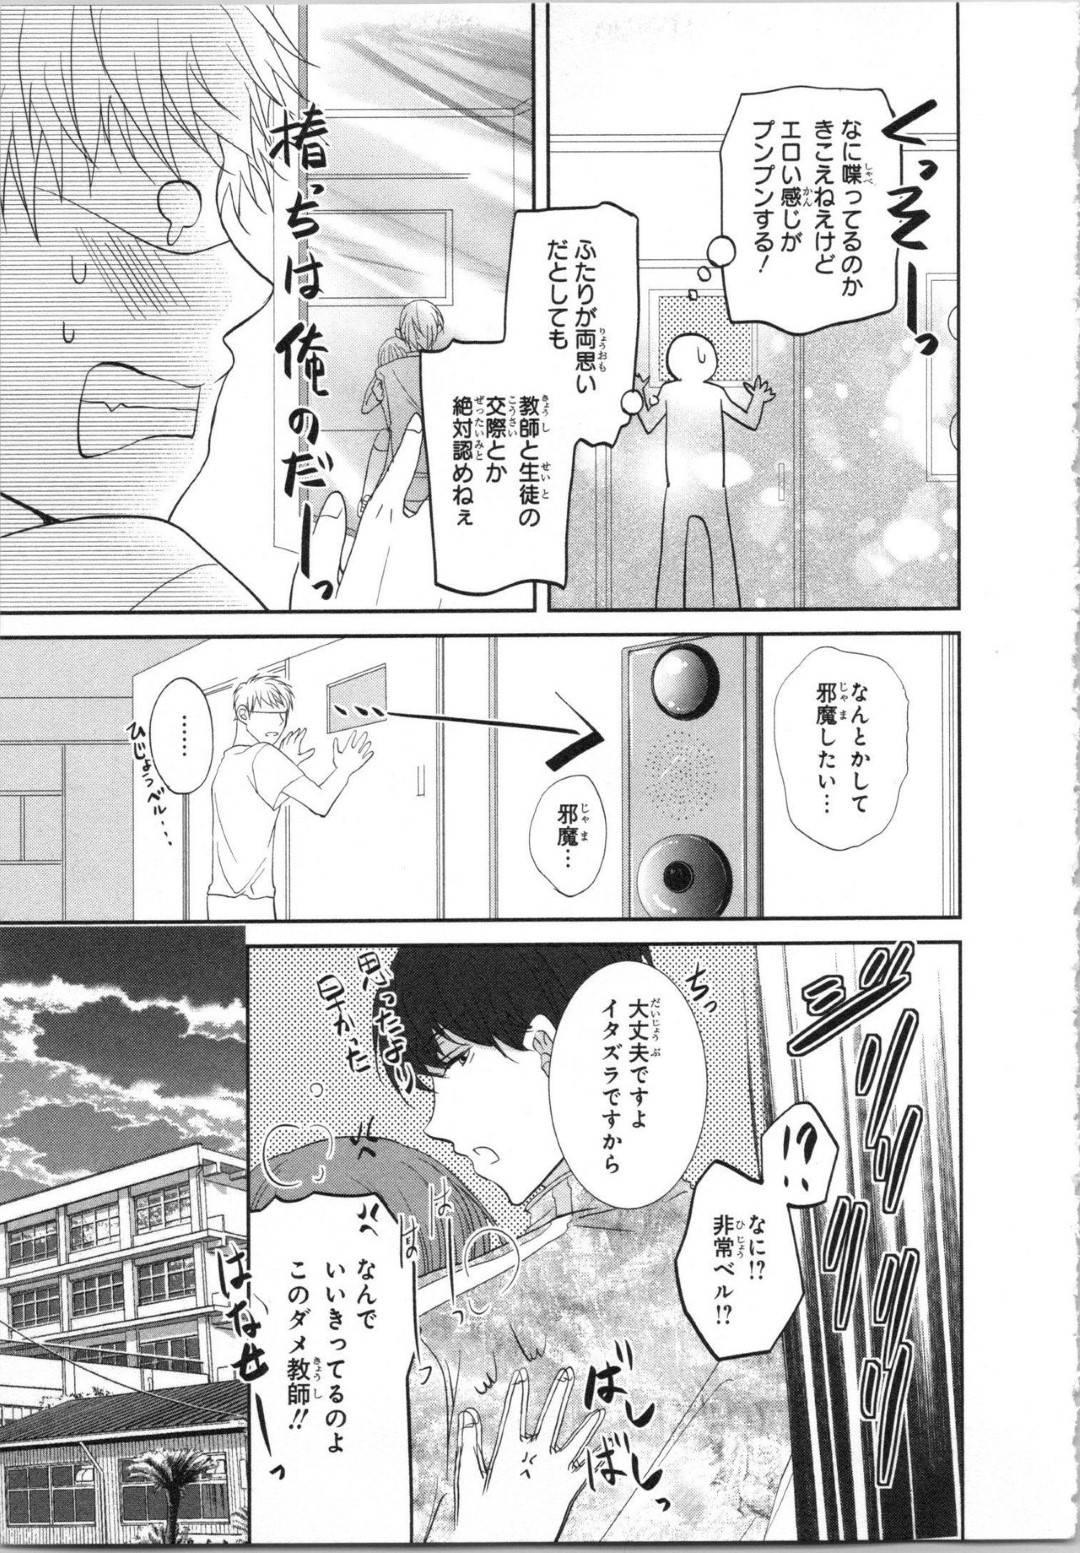 【エロ漫画】変態教師である伯父に学校で毎日セクハラされるショートヘア美少女JK…ある日風邪をひいて伯父に看病され、熱が下がったあと欲情した伯父に襲われてディープキスと乳首舐めで感じまくりレイプ寸前!【PIKOPIKO:制服プレイ 第2話】